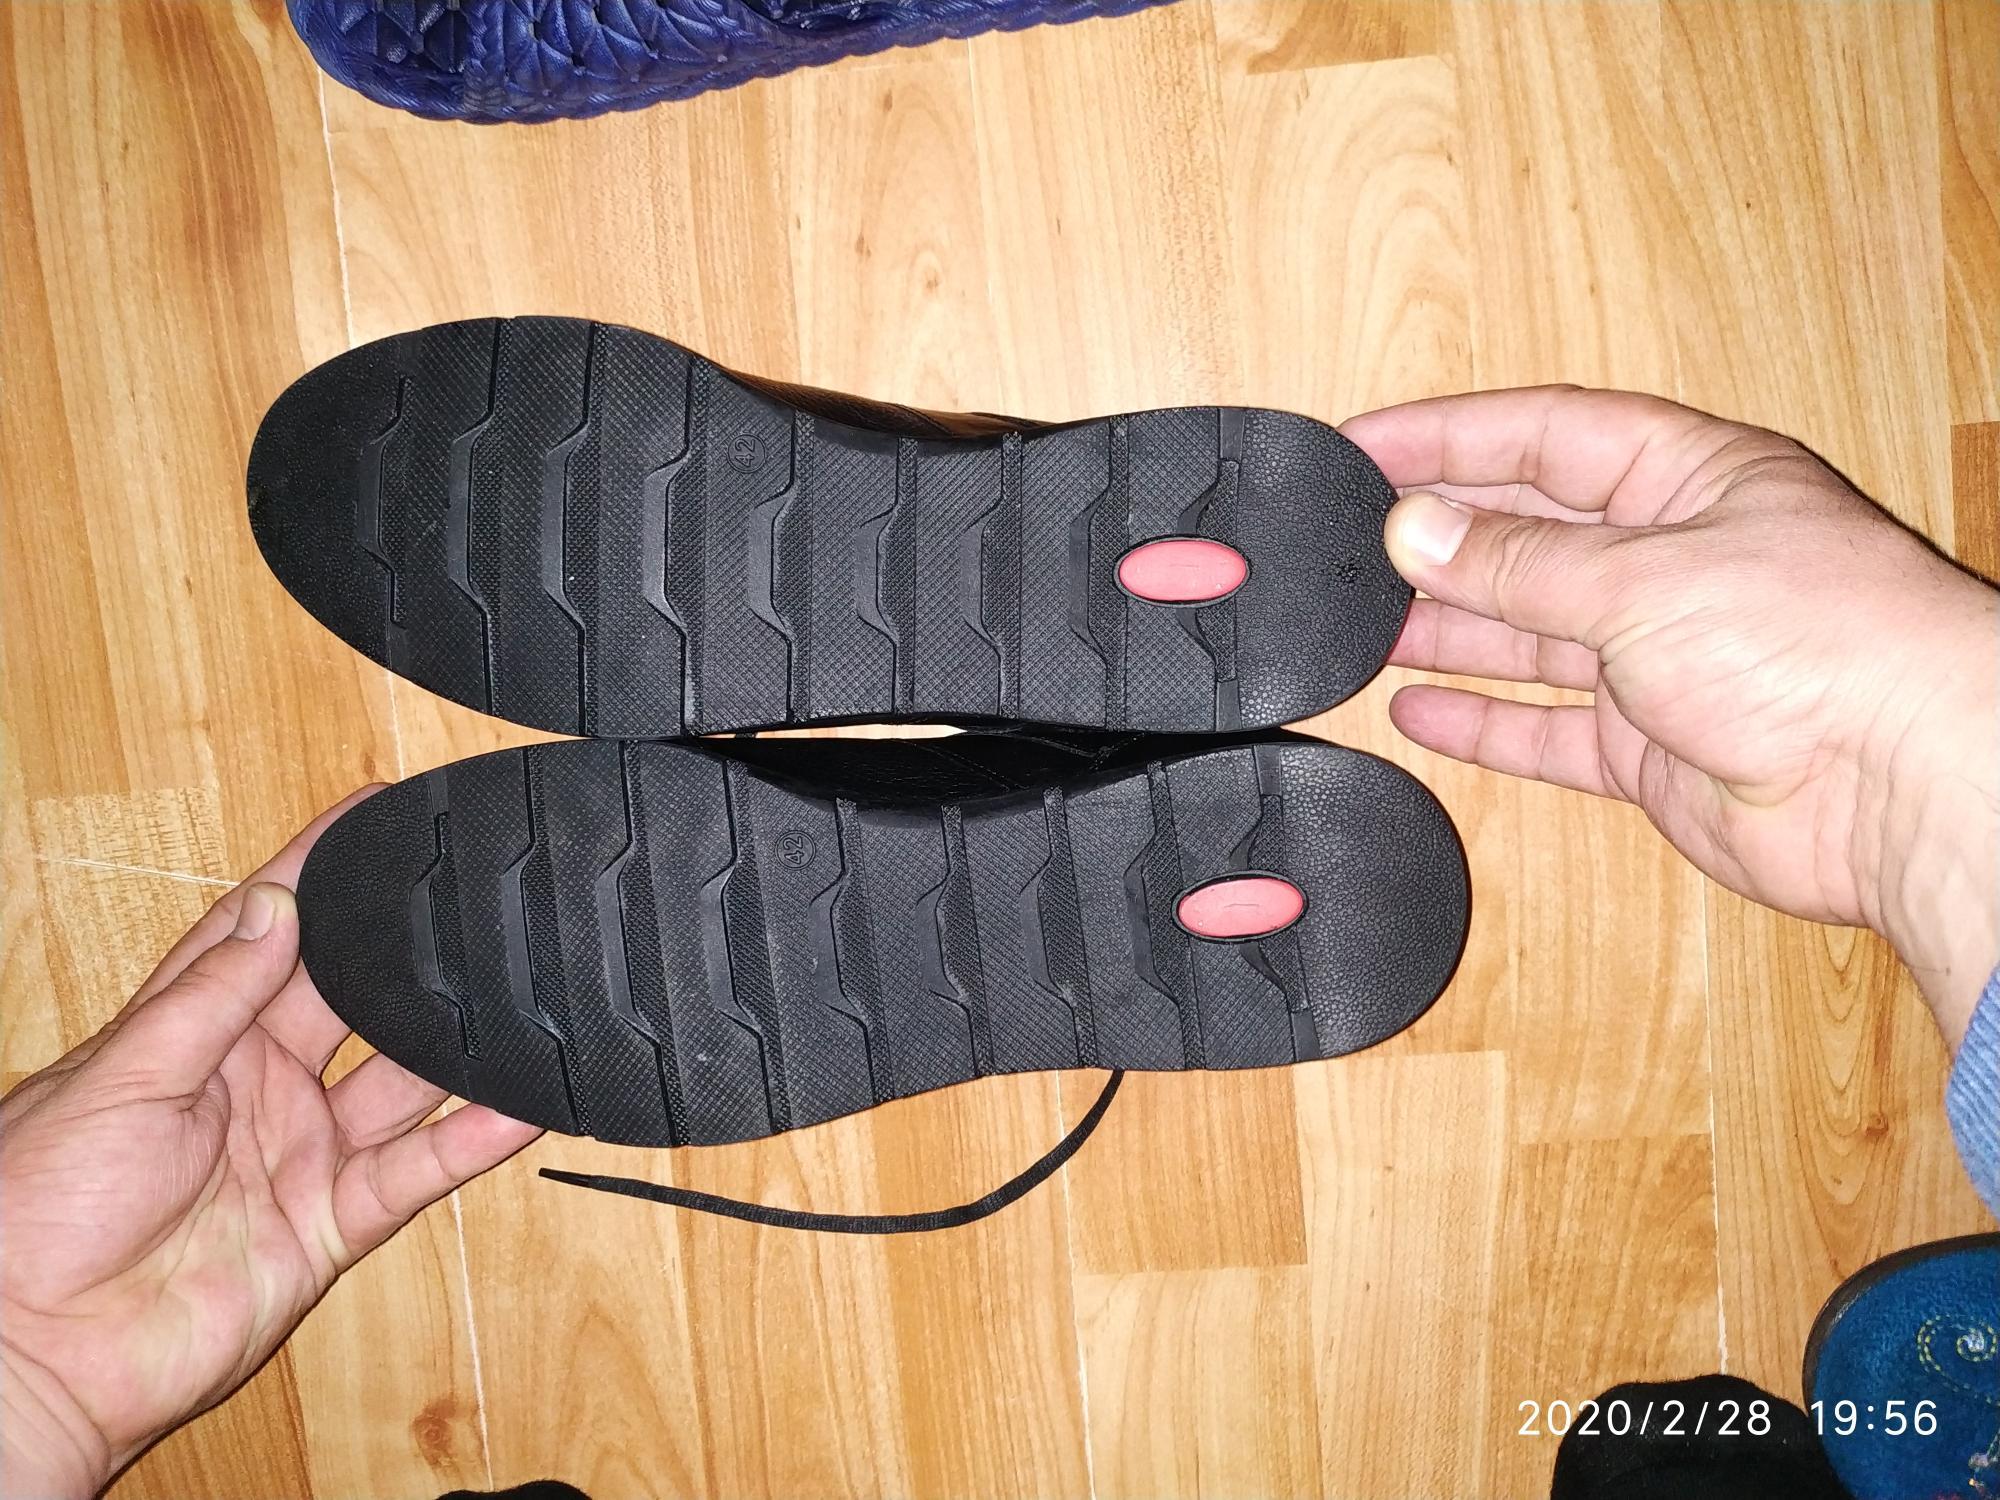 Flo Ayakkabi Ayak Ve Saf Sikayetleri Sikayetvar